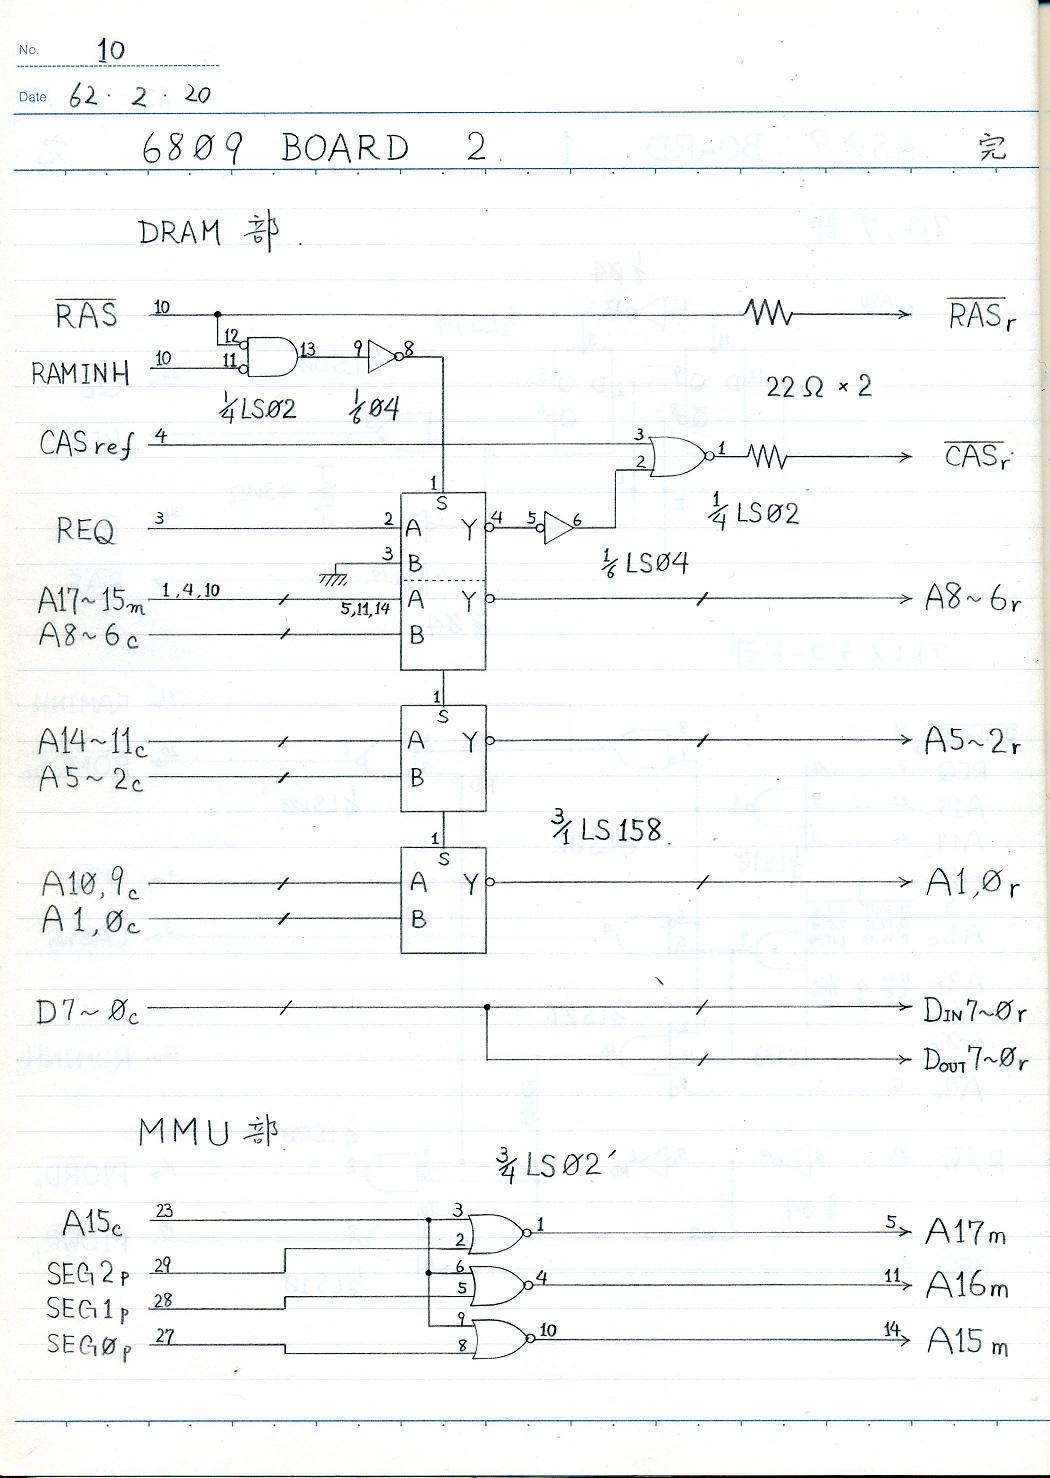 6809 board circuit 2